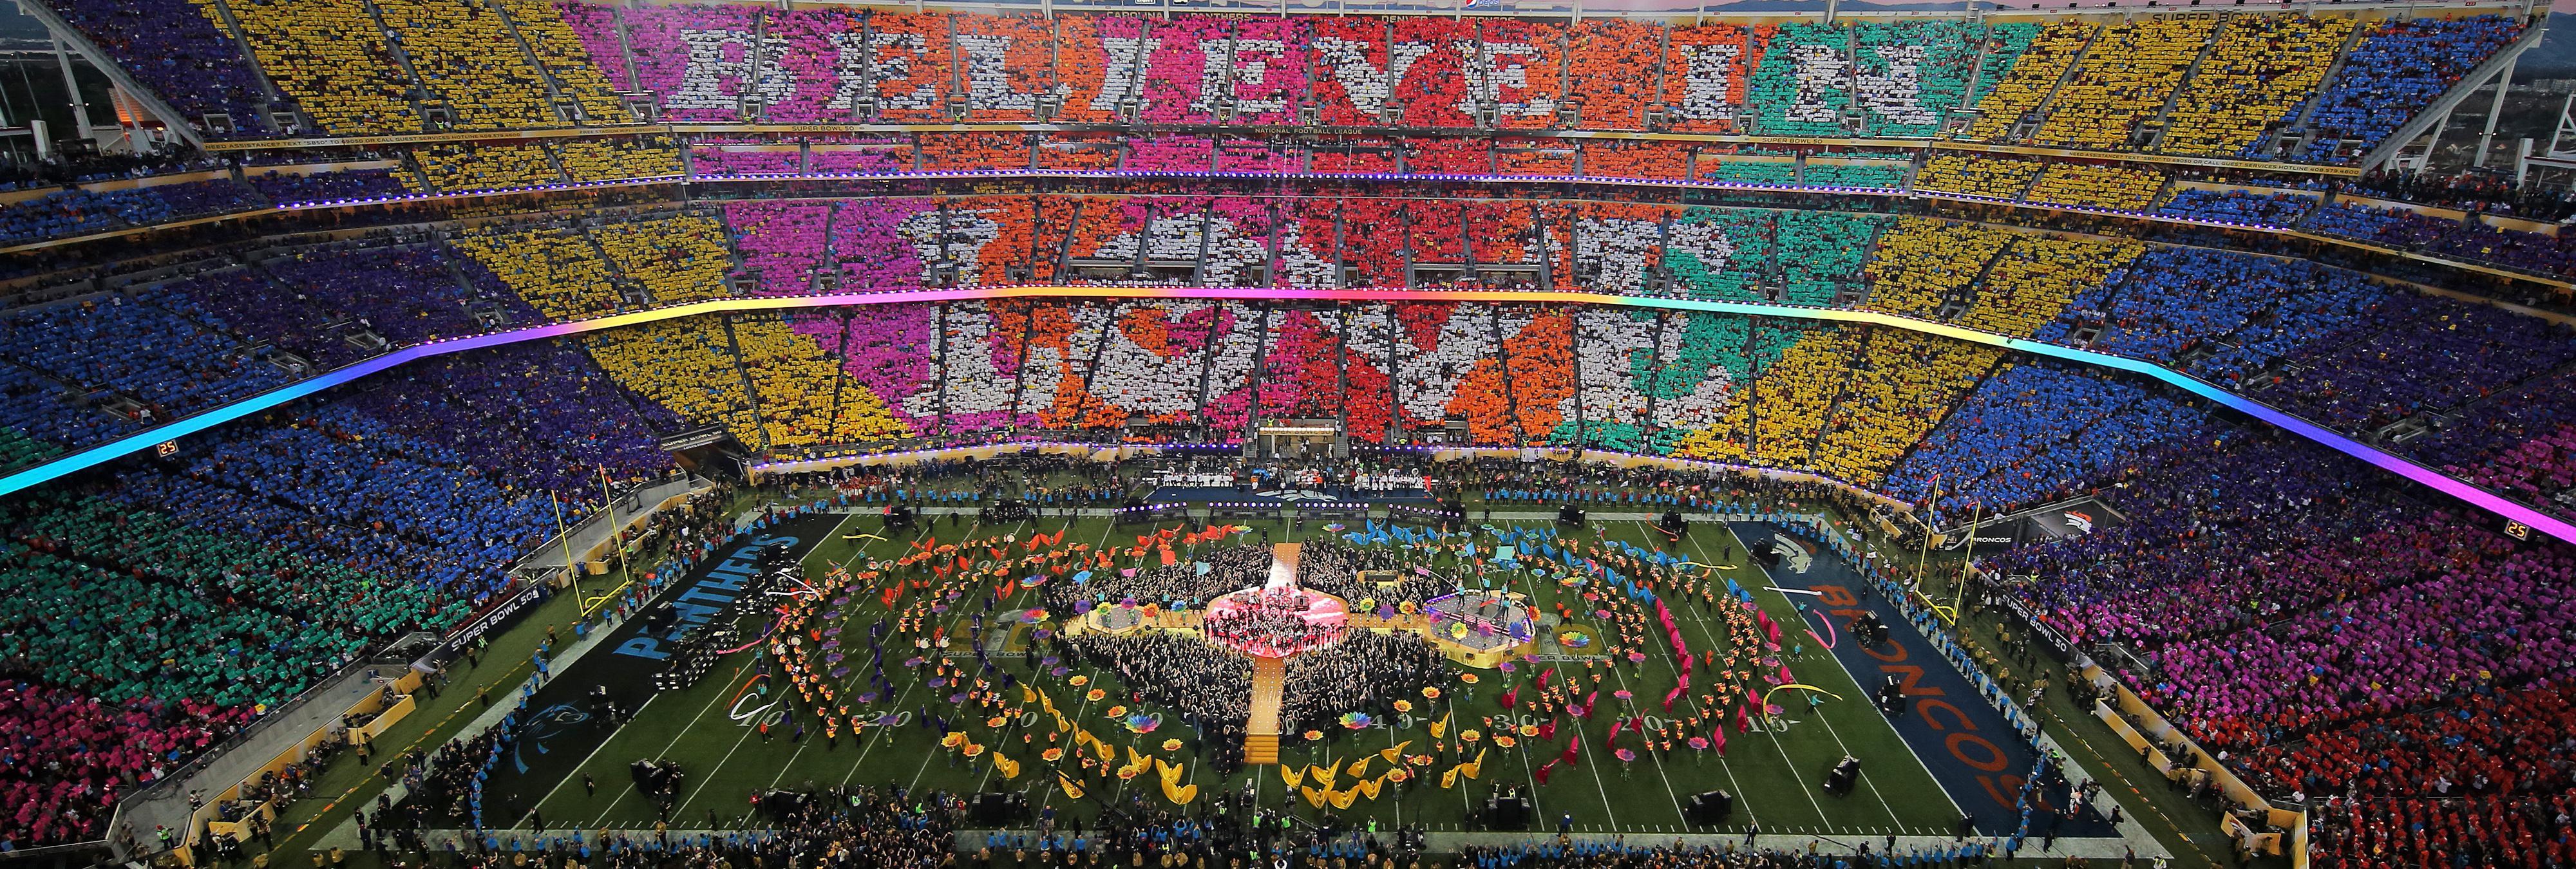 7 cosas que no sabías de la Super Bowl 2016 y el halftime show